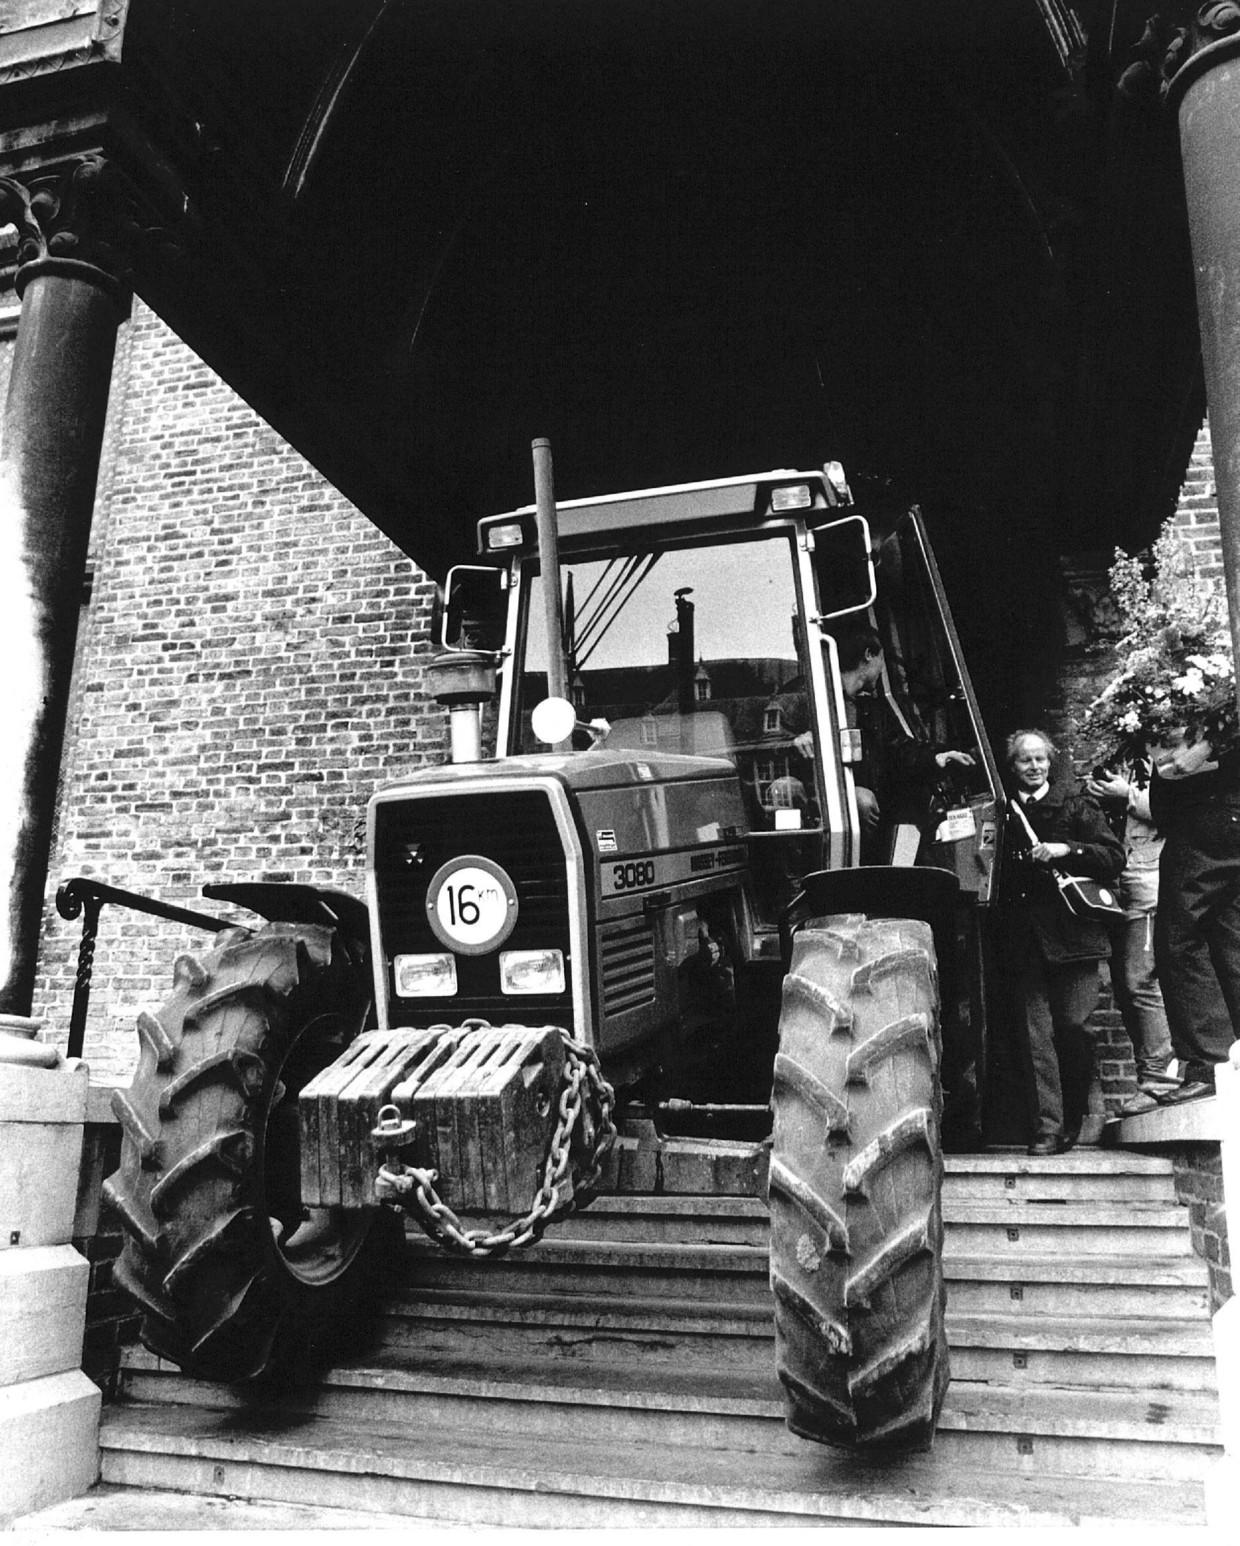 Een demonstrerende akkerbouwer trekt zich bij een protest in 1990 niets aan van een parkeerverbod op het Haagse Binnenhof en parkeert zijn trekker op de trappen van de Ridderzaal. Beeld ANP